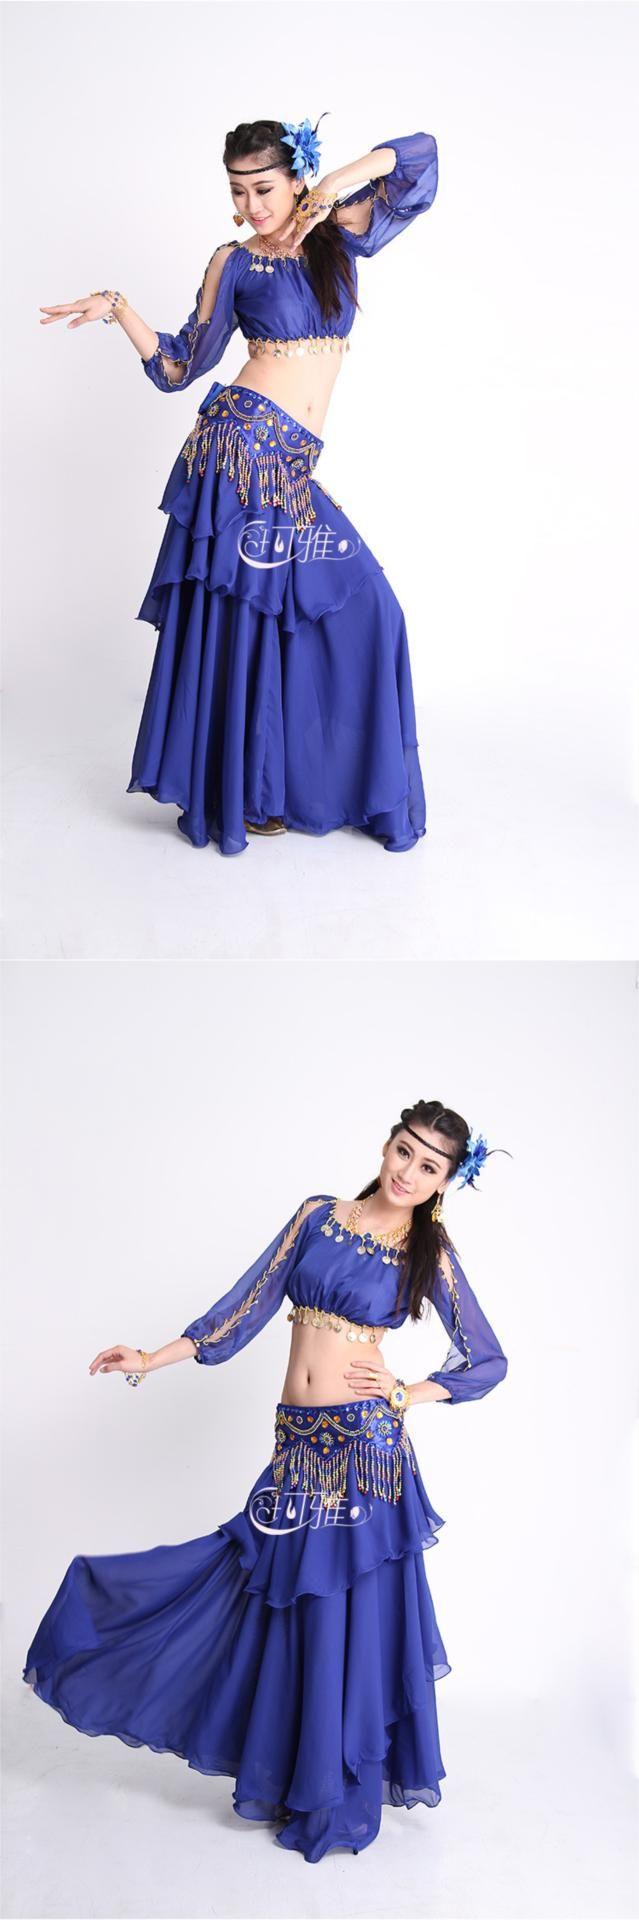 2015 Hotsale 6 couleurs Top + ceinture + jupe Costumes de danse du ventre du ventre danse indienne Costume de robe pour la danse orientale Gypsy jupe femmes dans Danse du ventre de Nouveauté et une utilisation particulière sur AliExpress.com | Alibaba Group